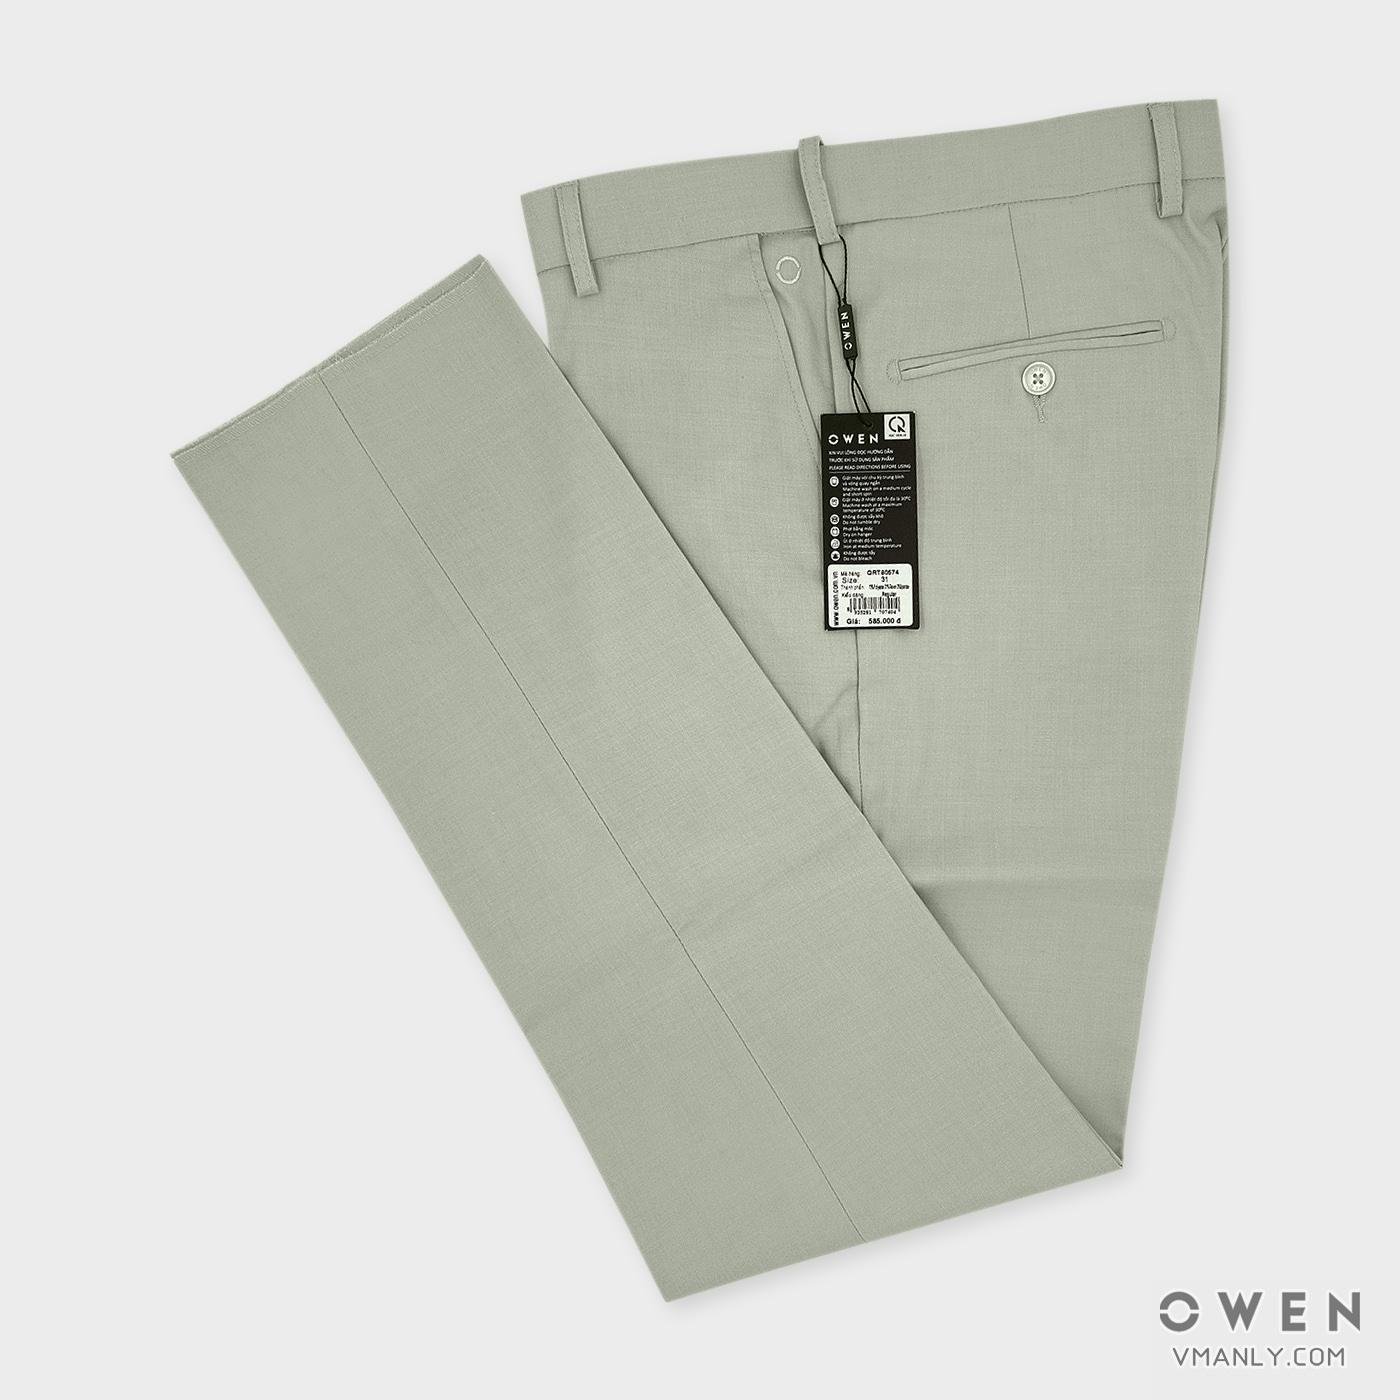 Quần tây Owen không li regular màu kem QRT80574